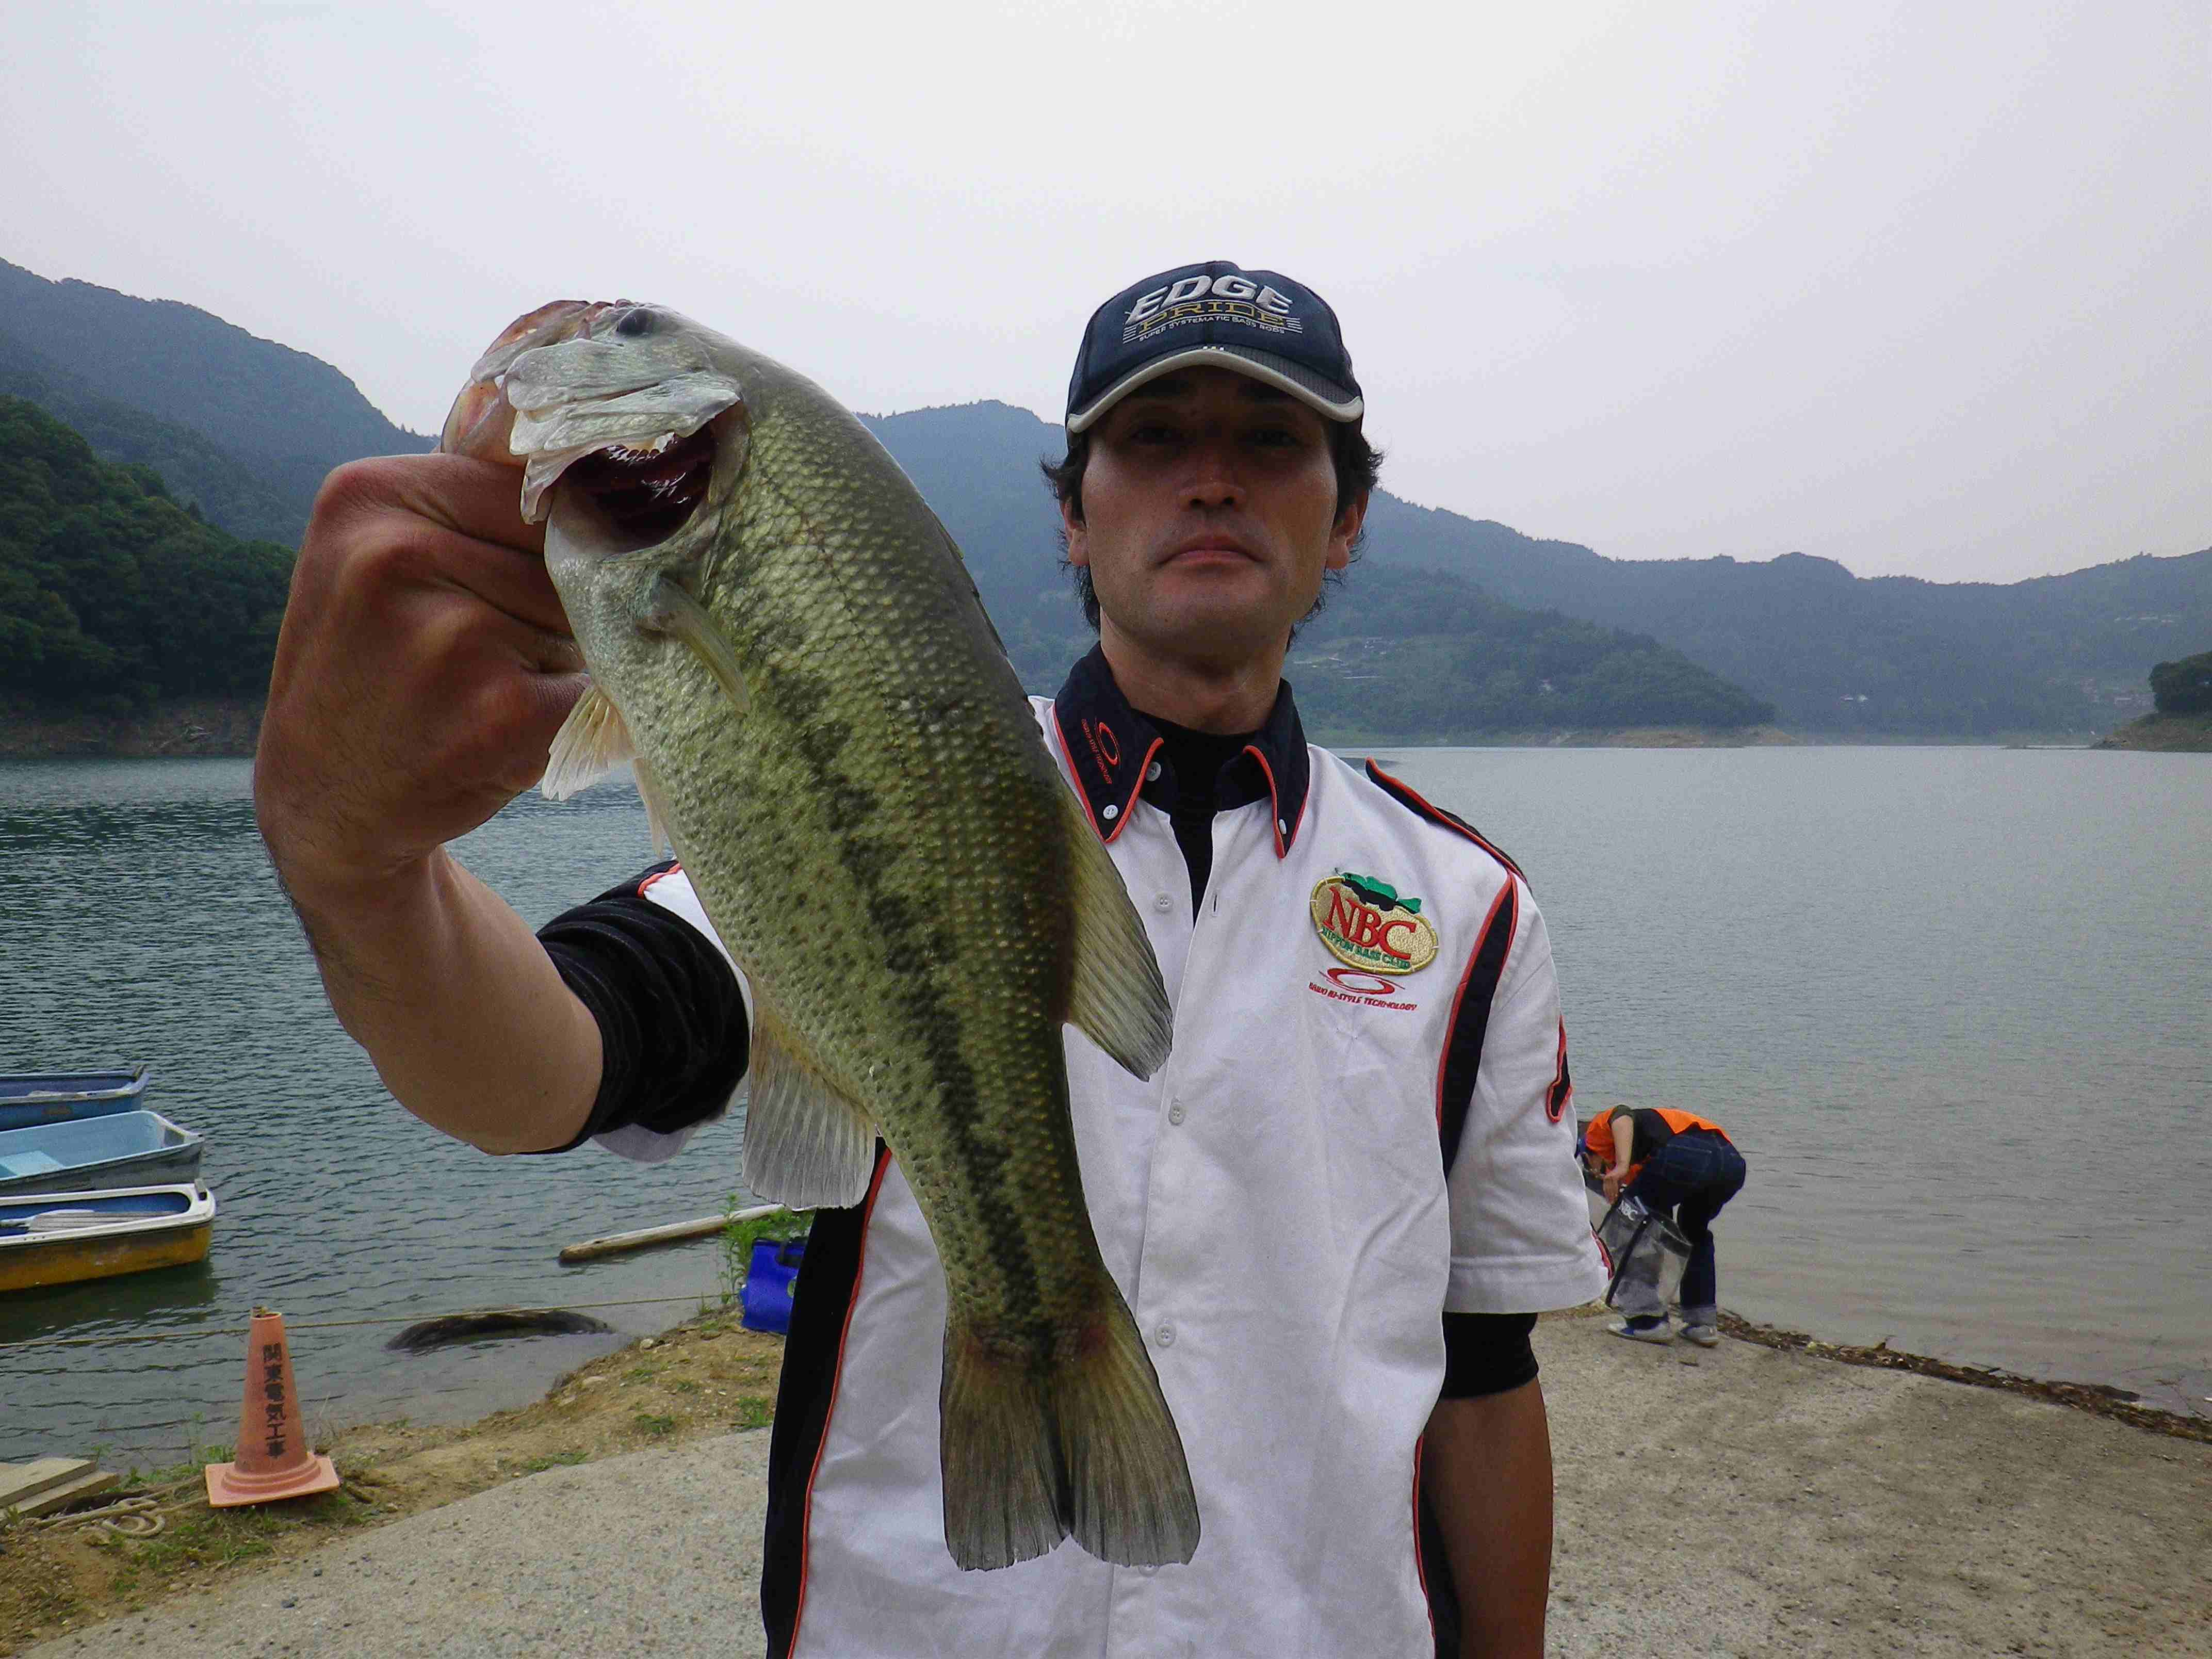 埼玉チャプター 神流湖 ベイトブレスカップ_a0097491_1151316.jpg